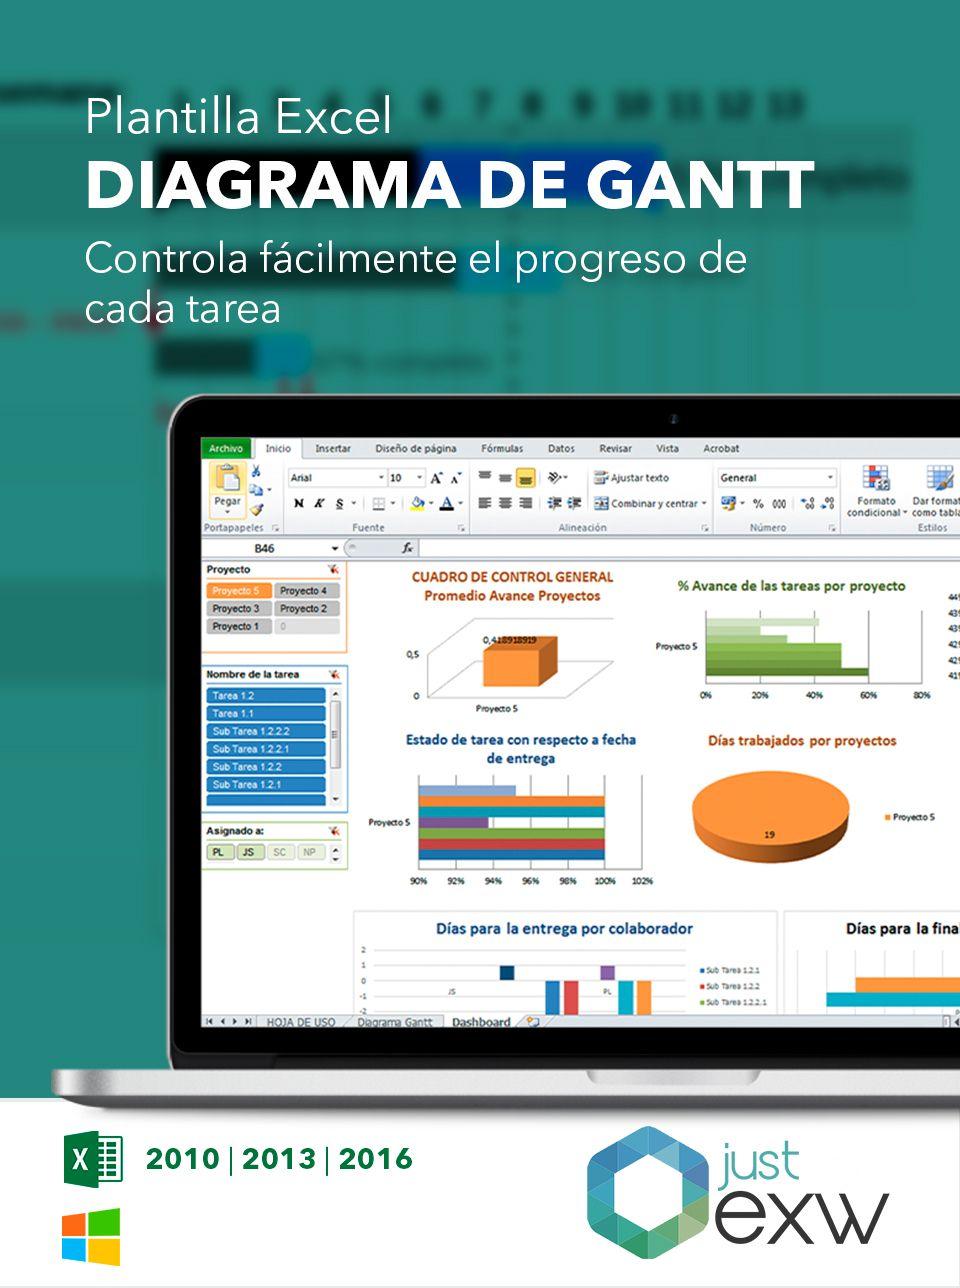 Cronograma de actividades en Excel | Plantilla para descargar